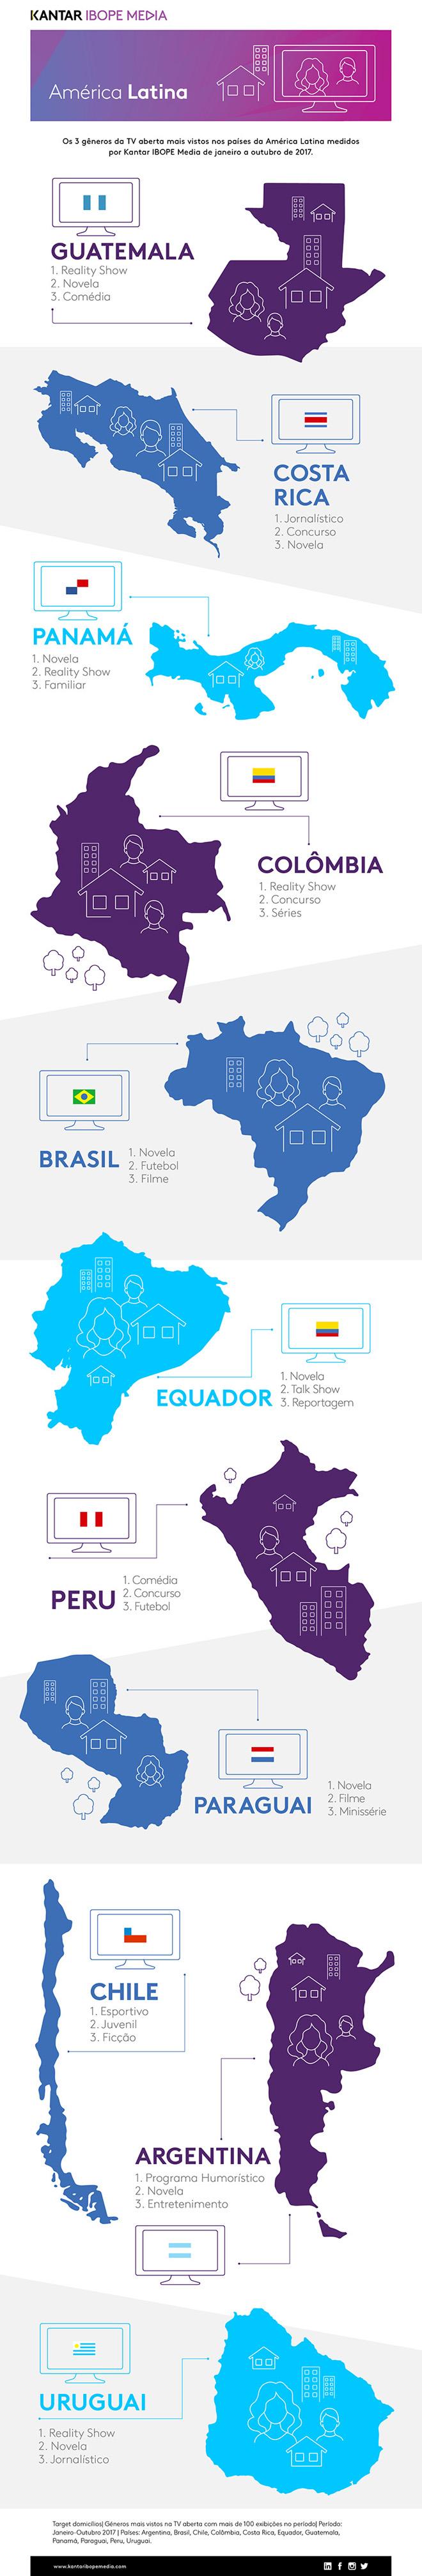 info_generos_portugues171128_104826